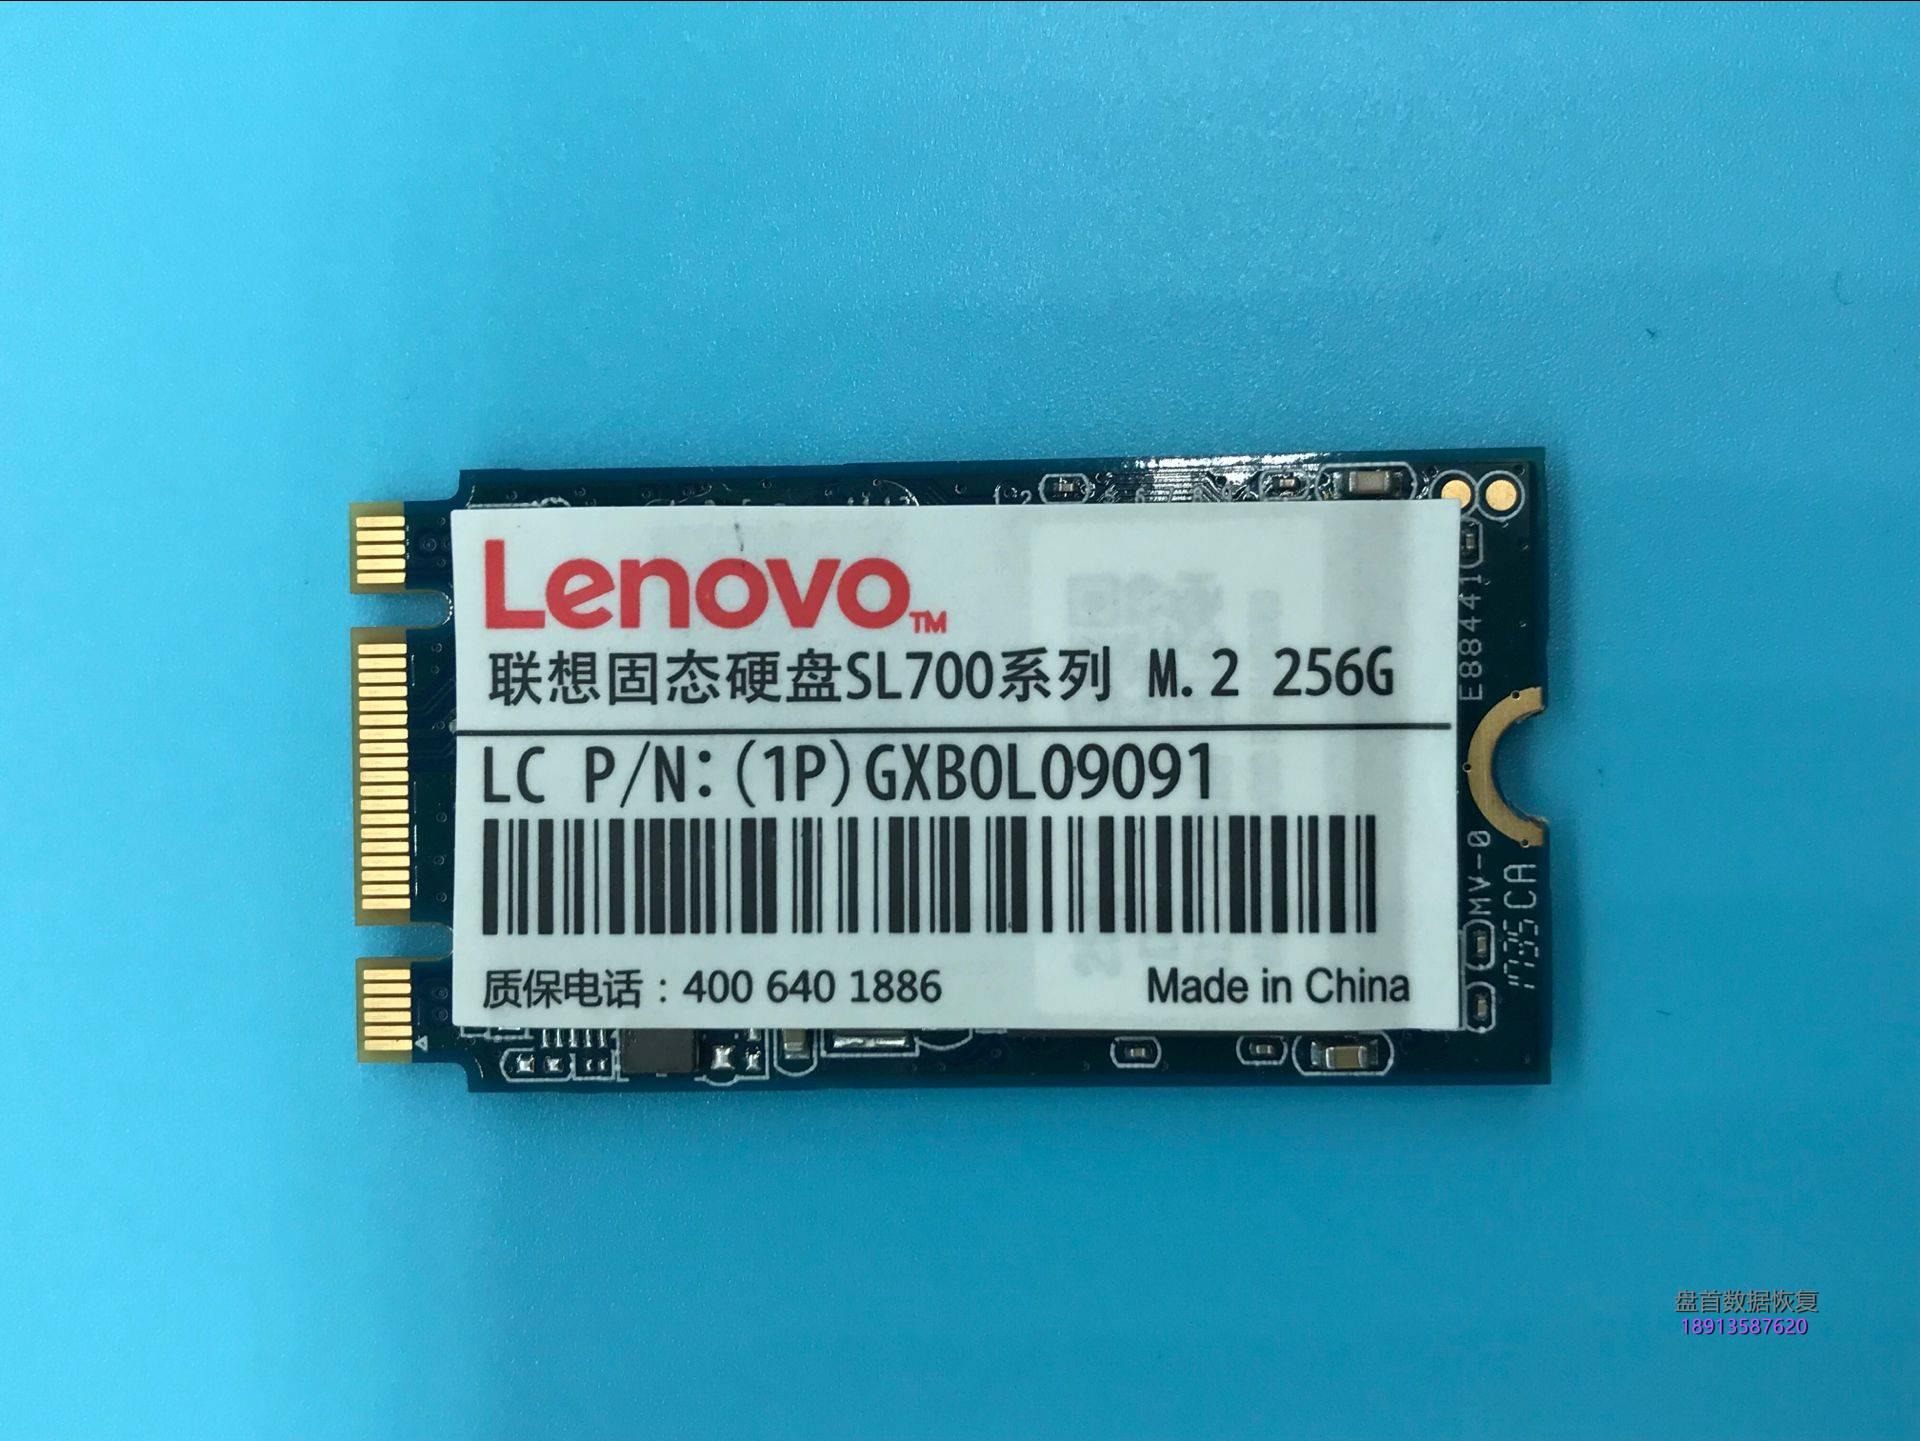 0-12 联想SL700固态硬盘掉盘不读盘识别成SATAFIRM S11固件损坏2小时恢复全部数据